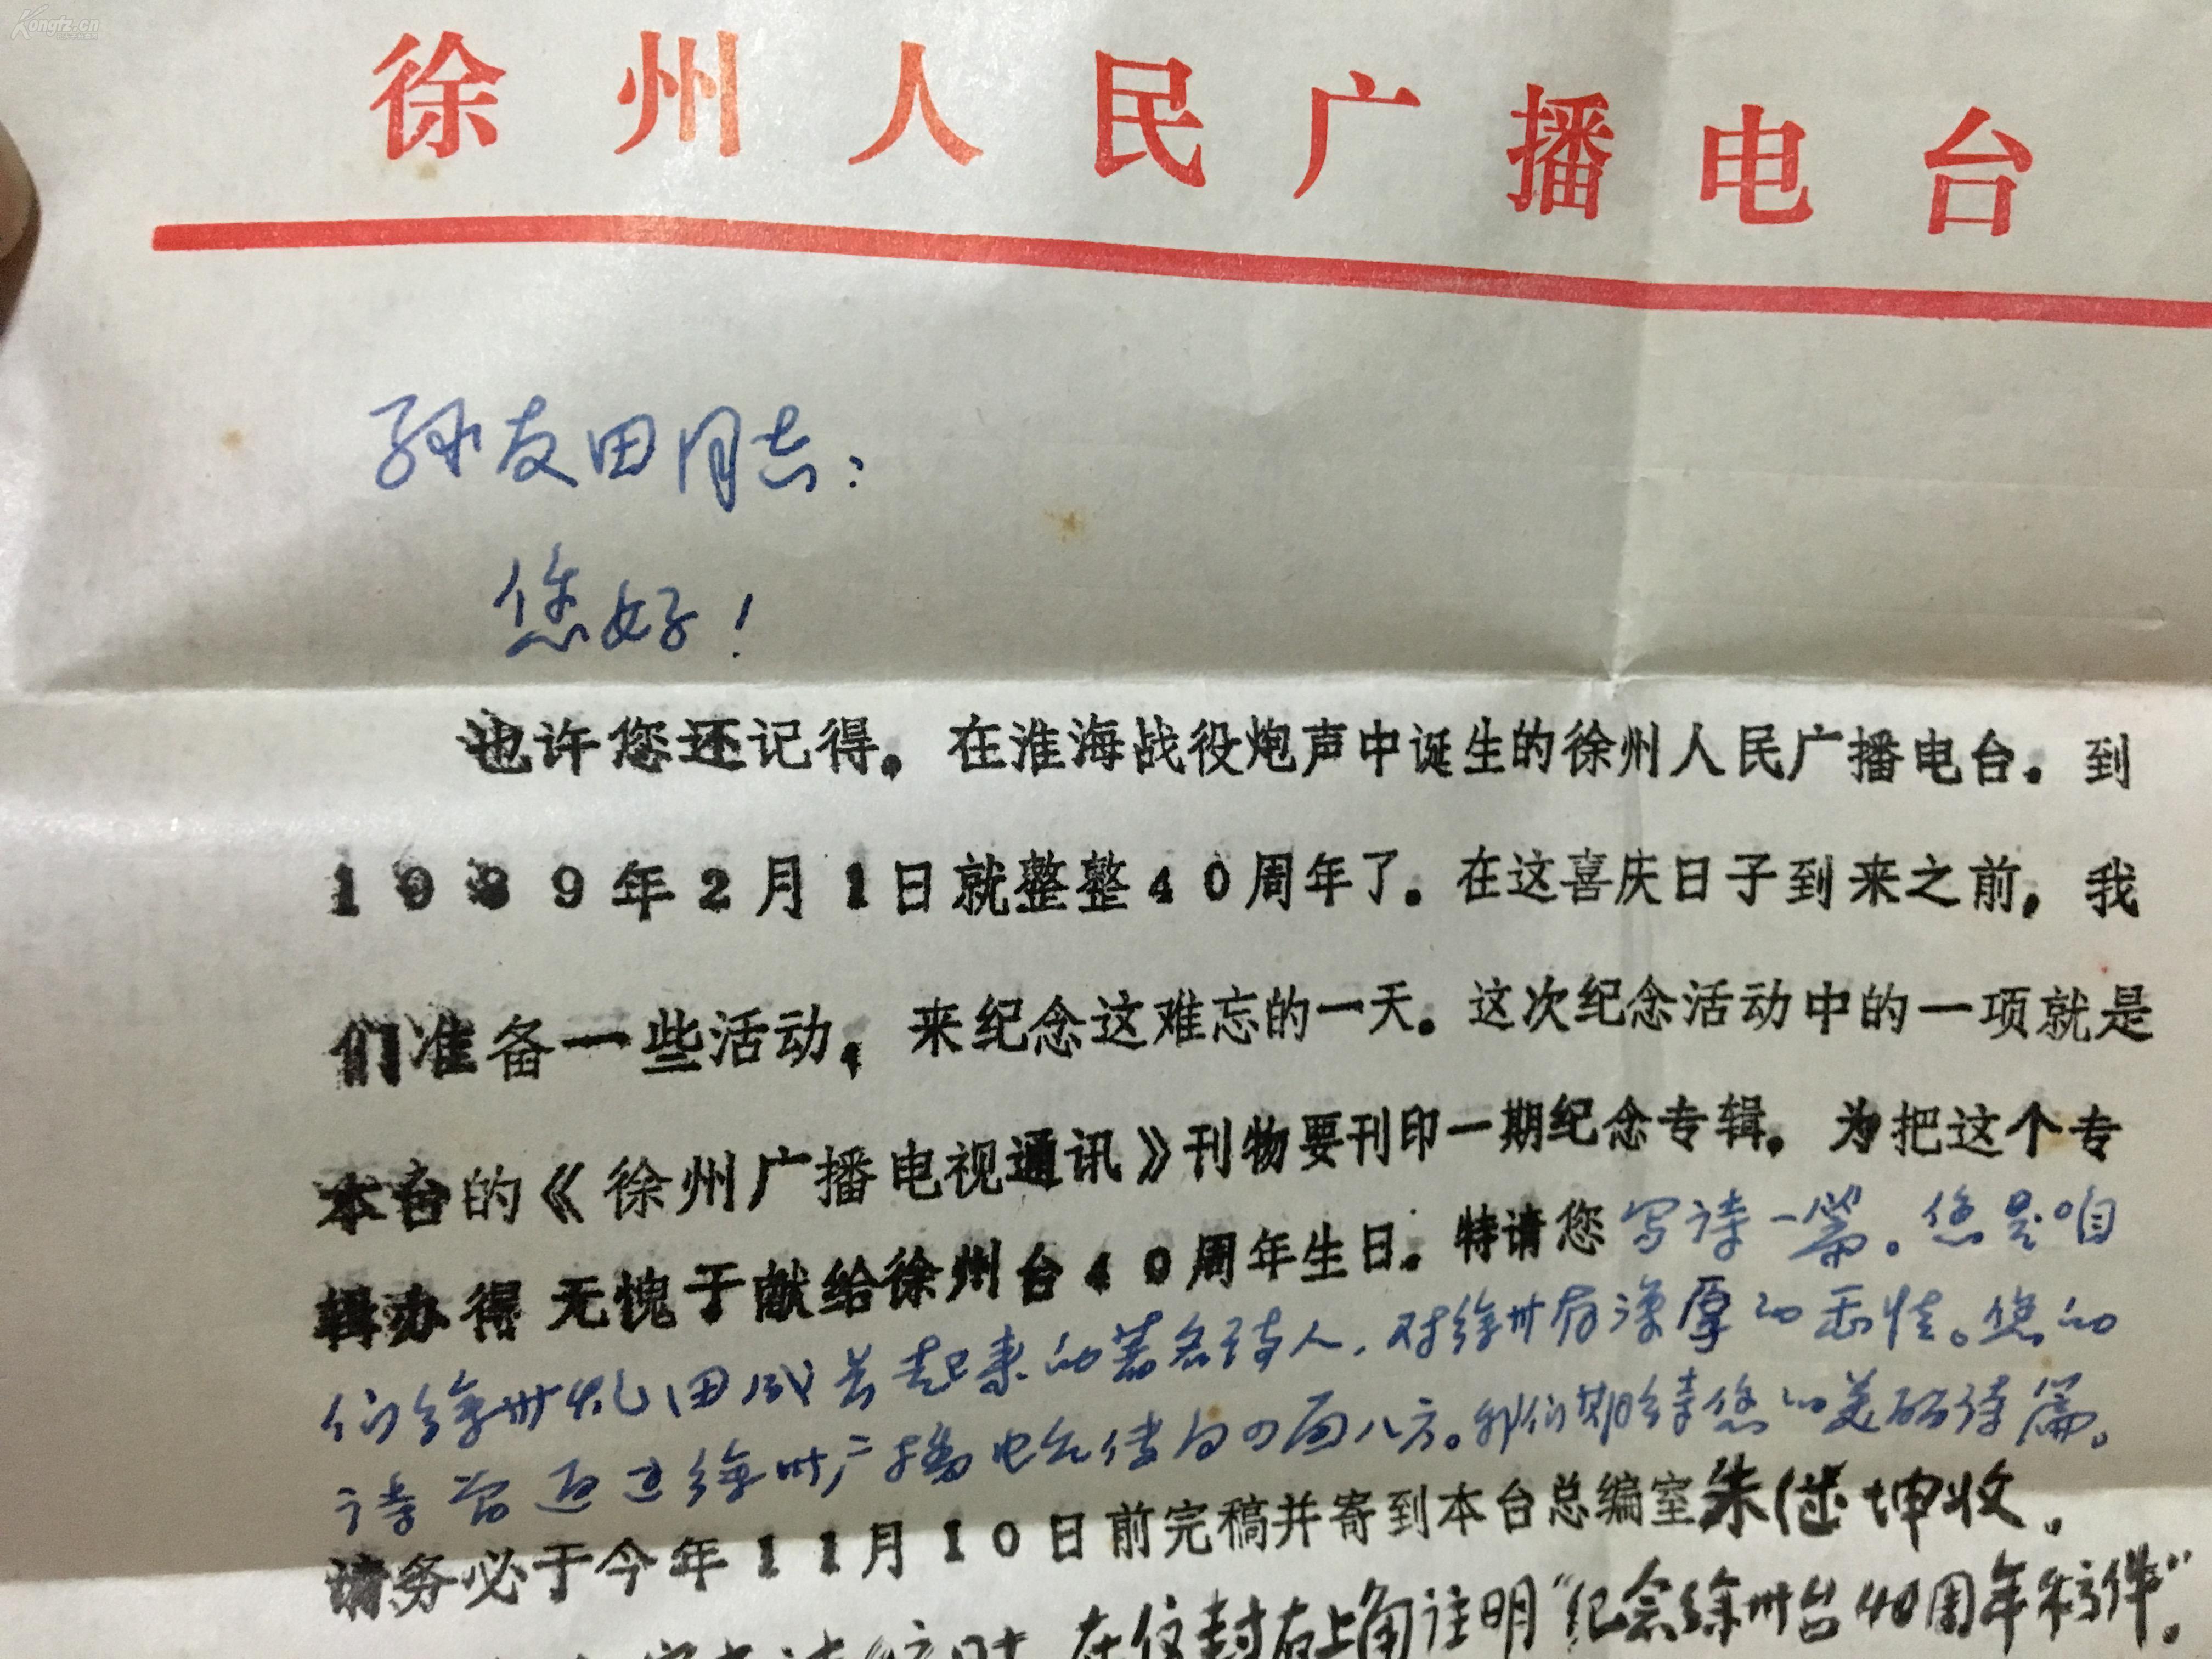 徐州人民广播电台致著名作家孙友田 信札